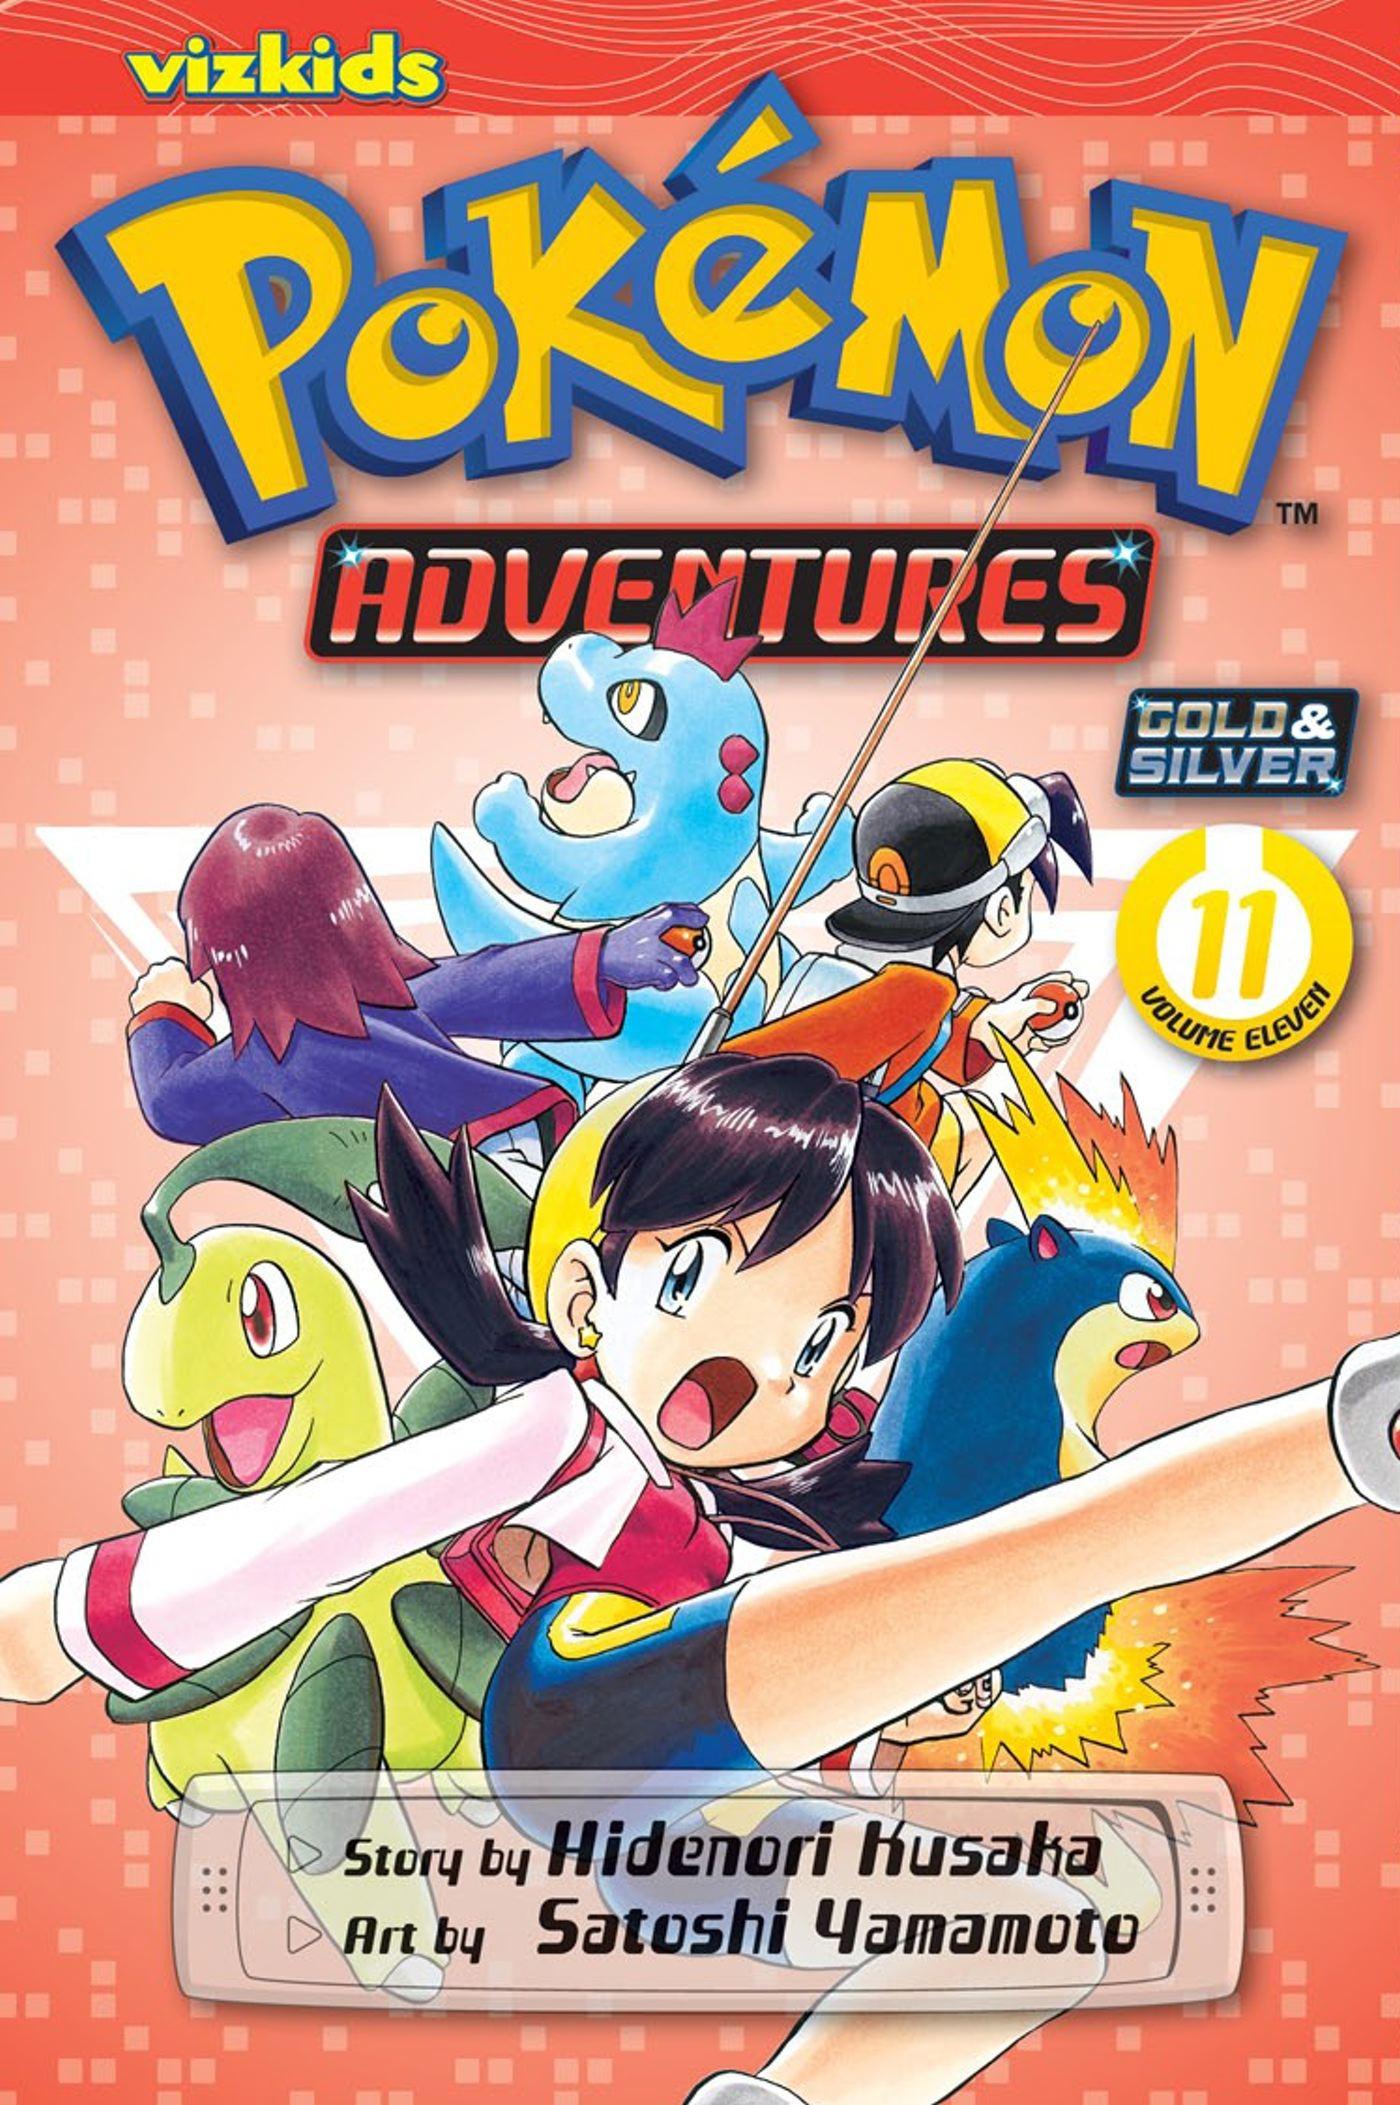 Pokémon Adventures, Vol. 11 by Hidenori Kusaka